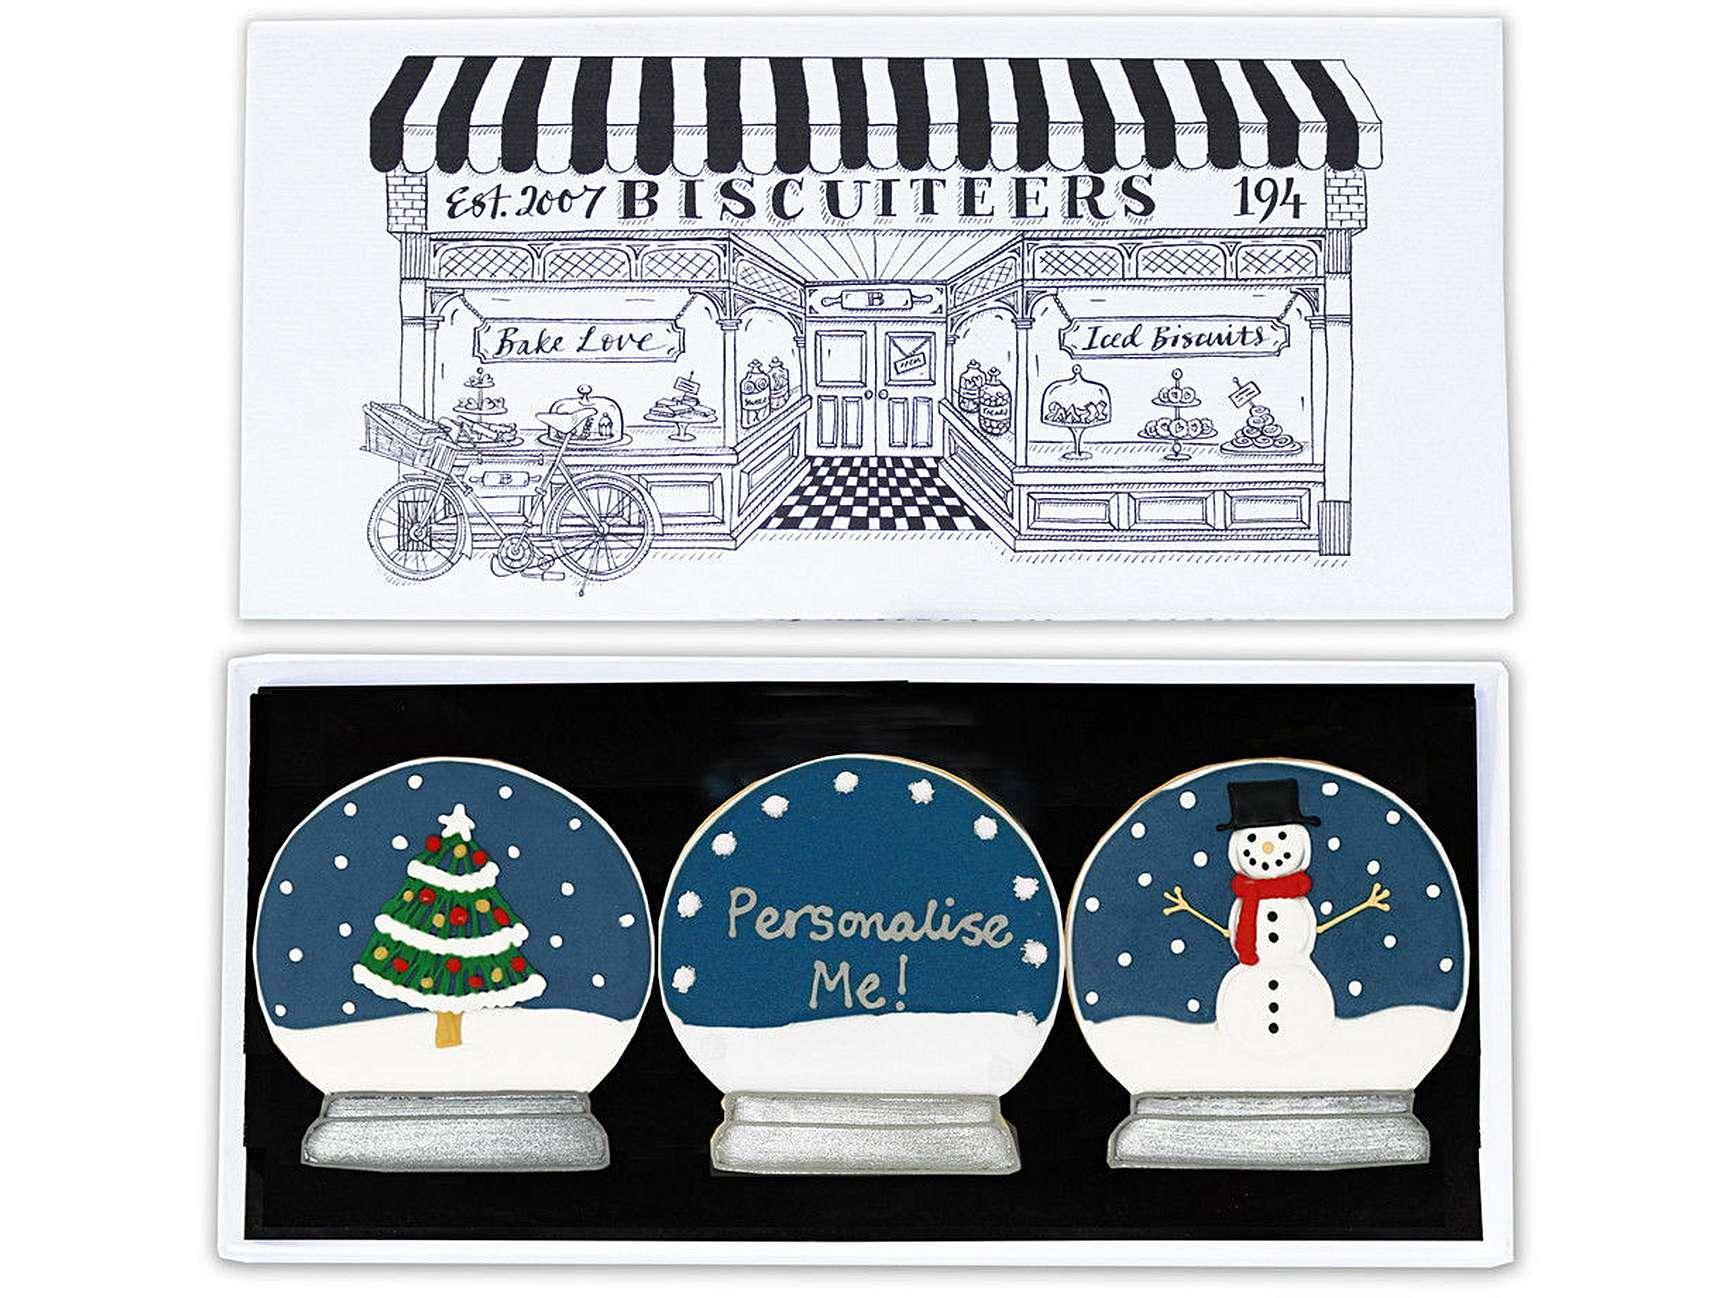 Biscuiteers Personalised Snowglobe letterbox biscuits